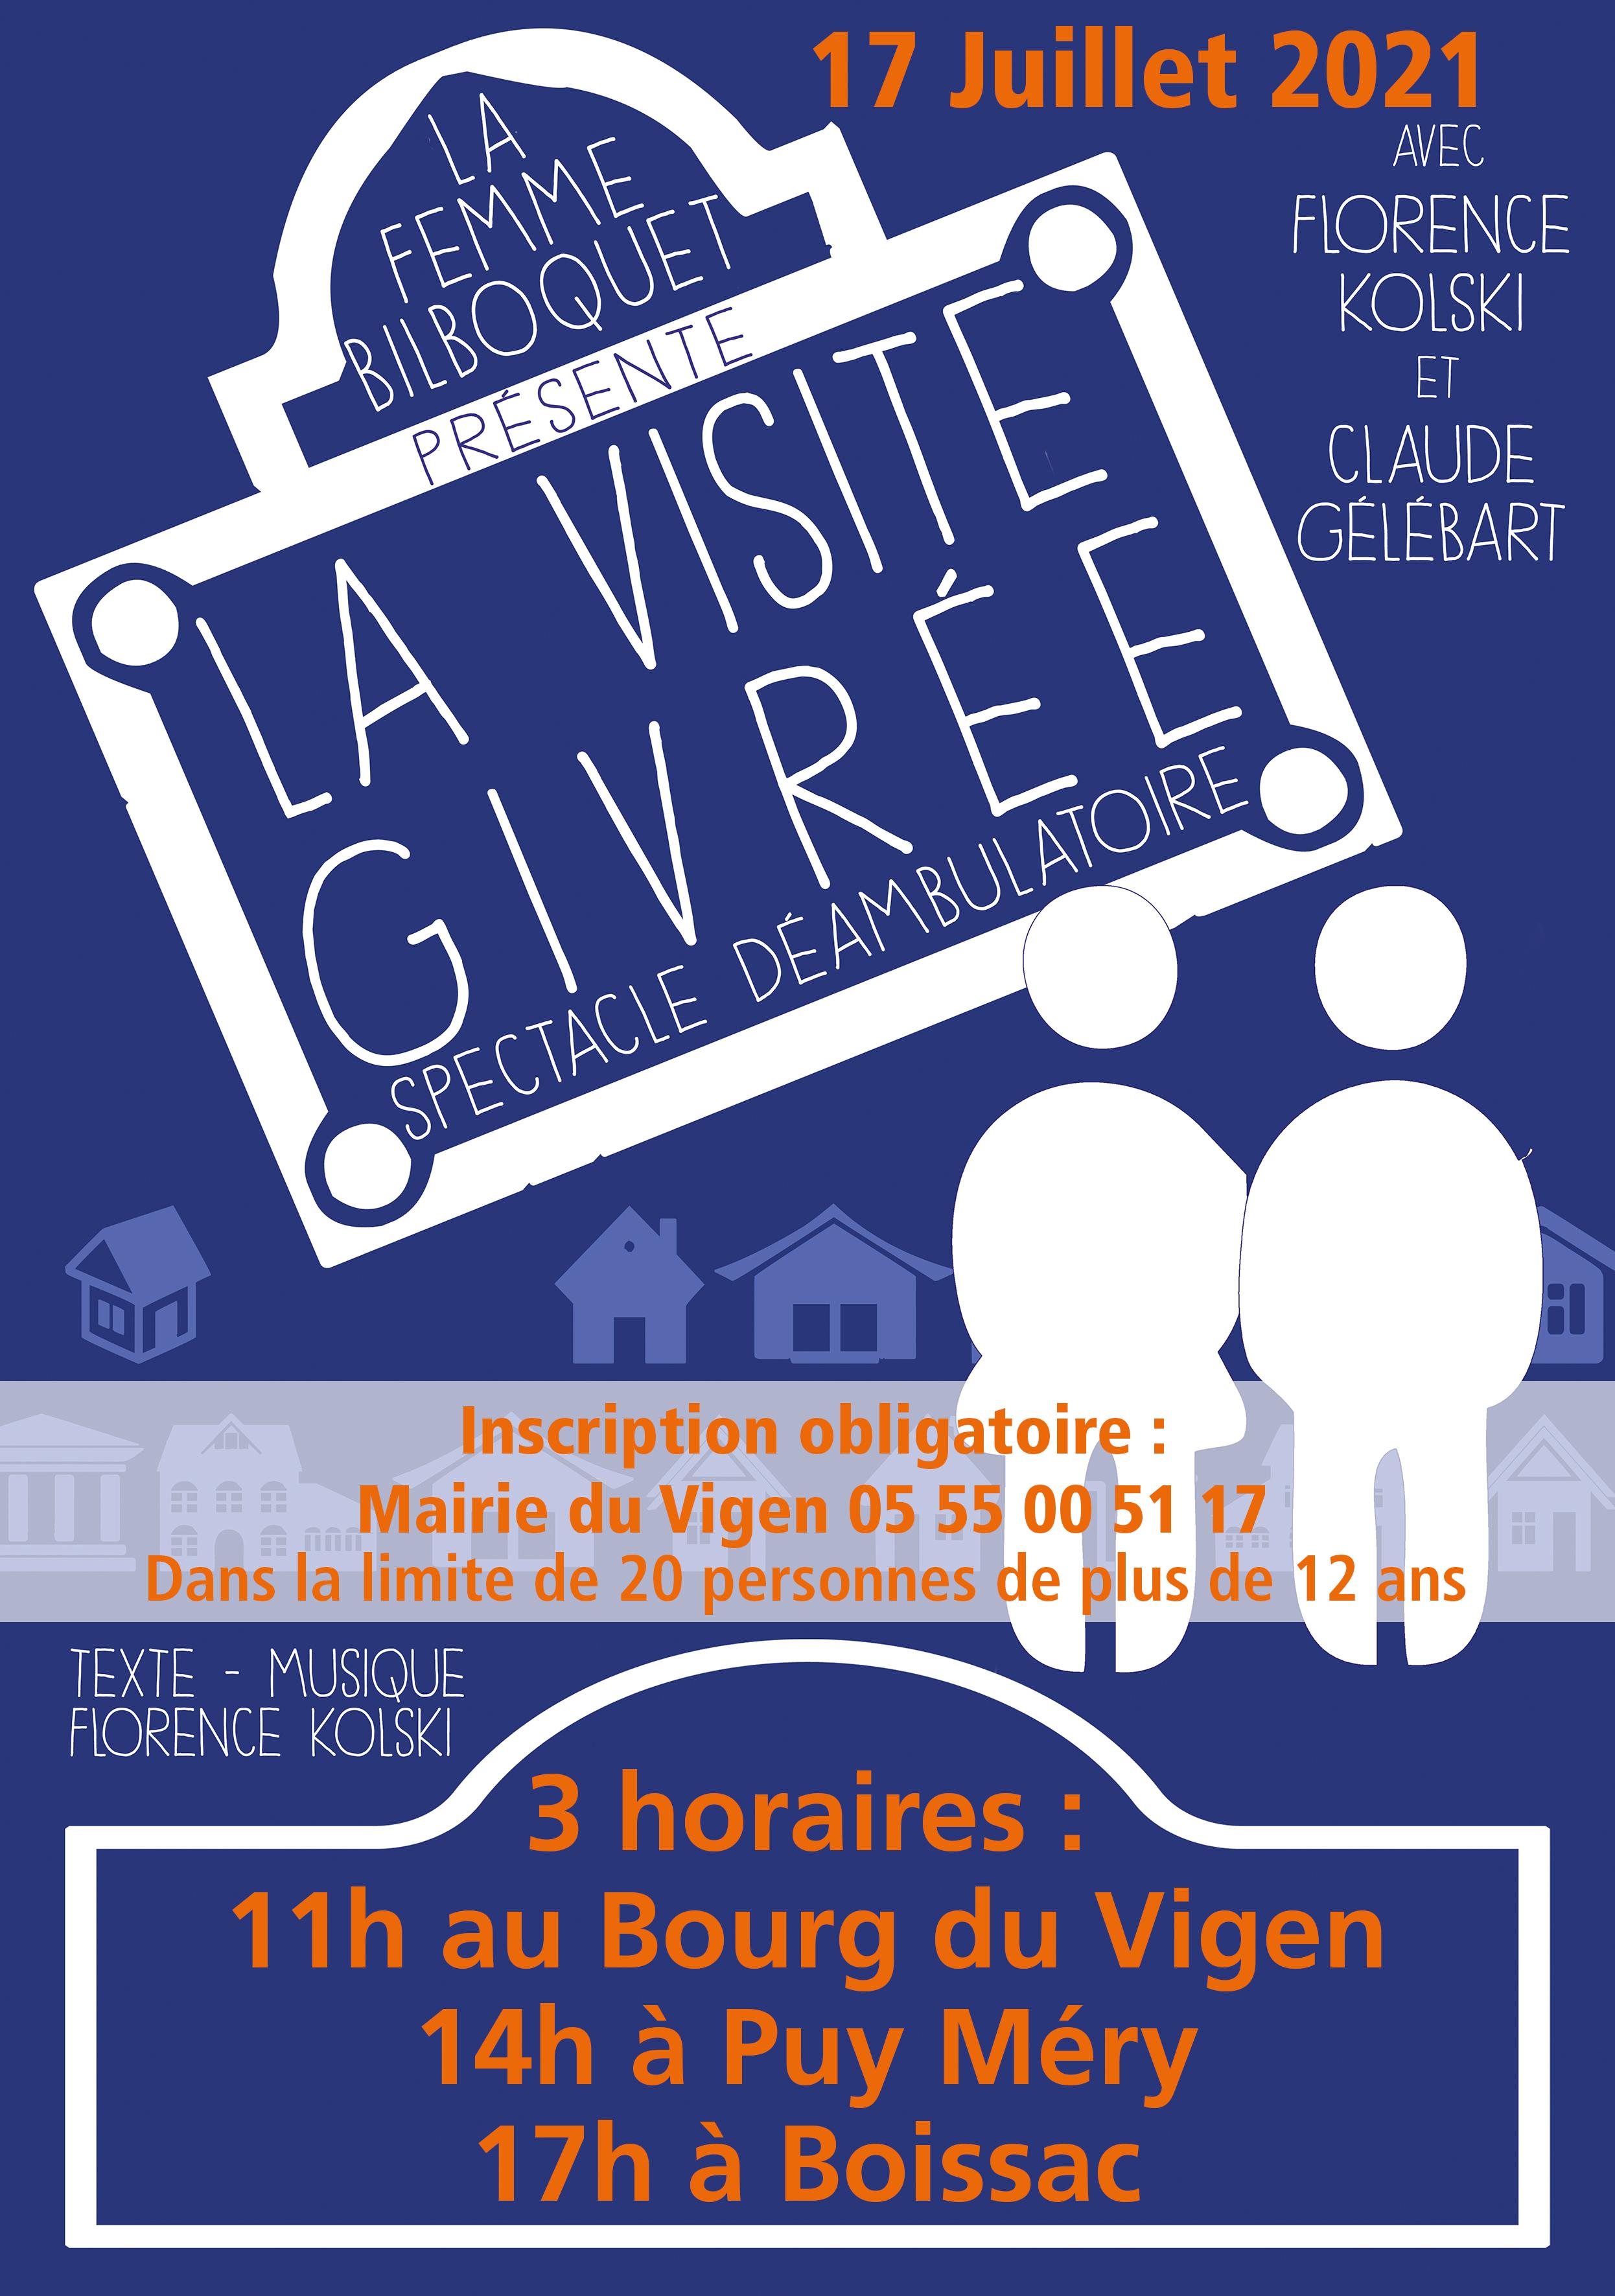 """Spectacle """"La visite givrée"""" au Bourg @ Le Vigen"""